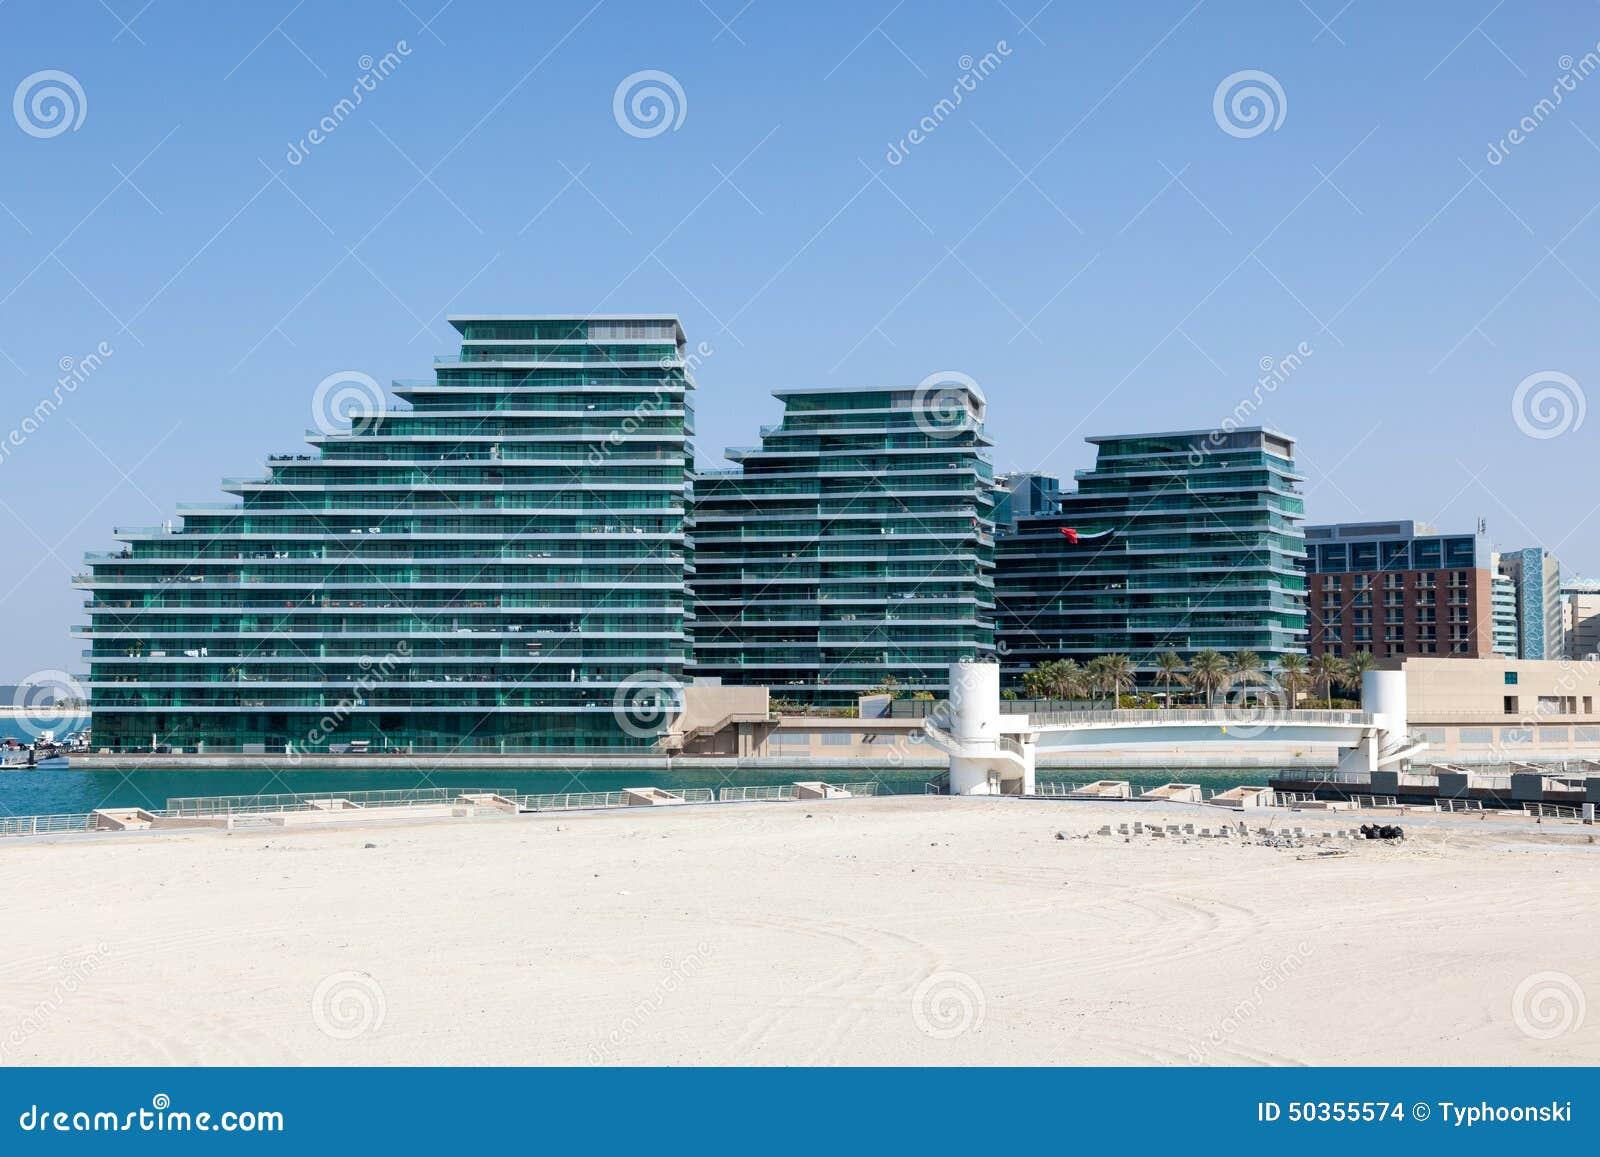 New residential buildings in Abu Dhabi